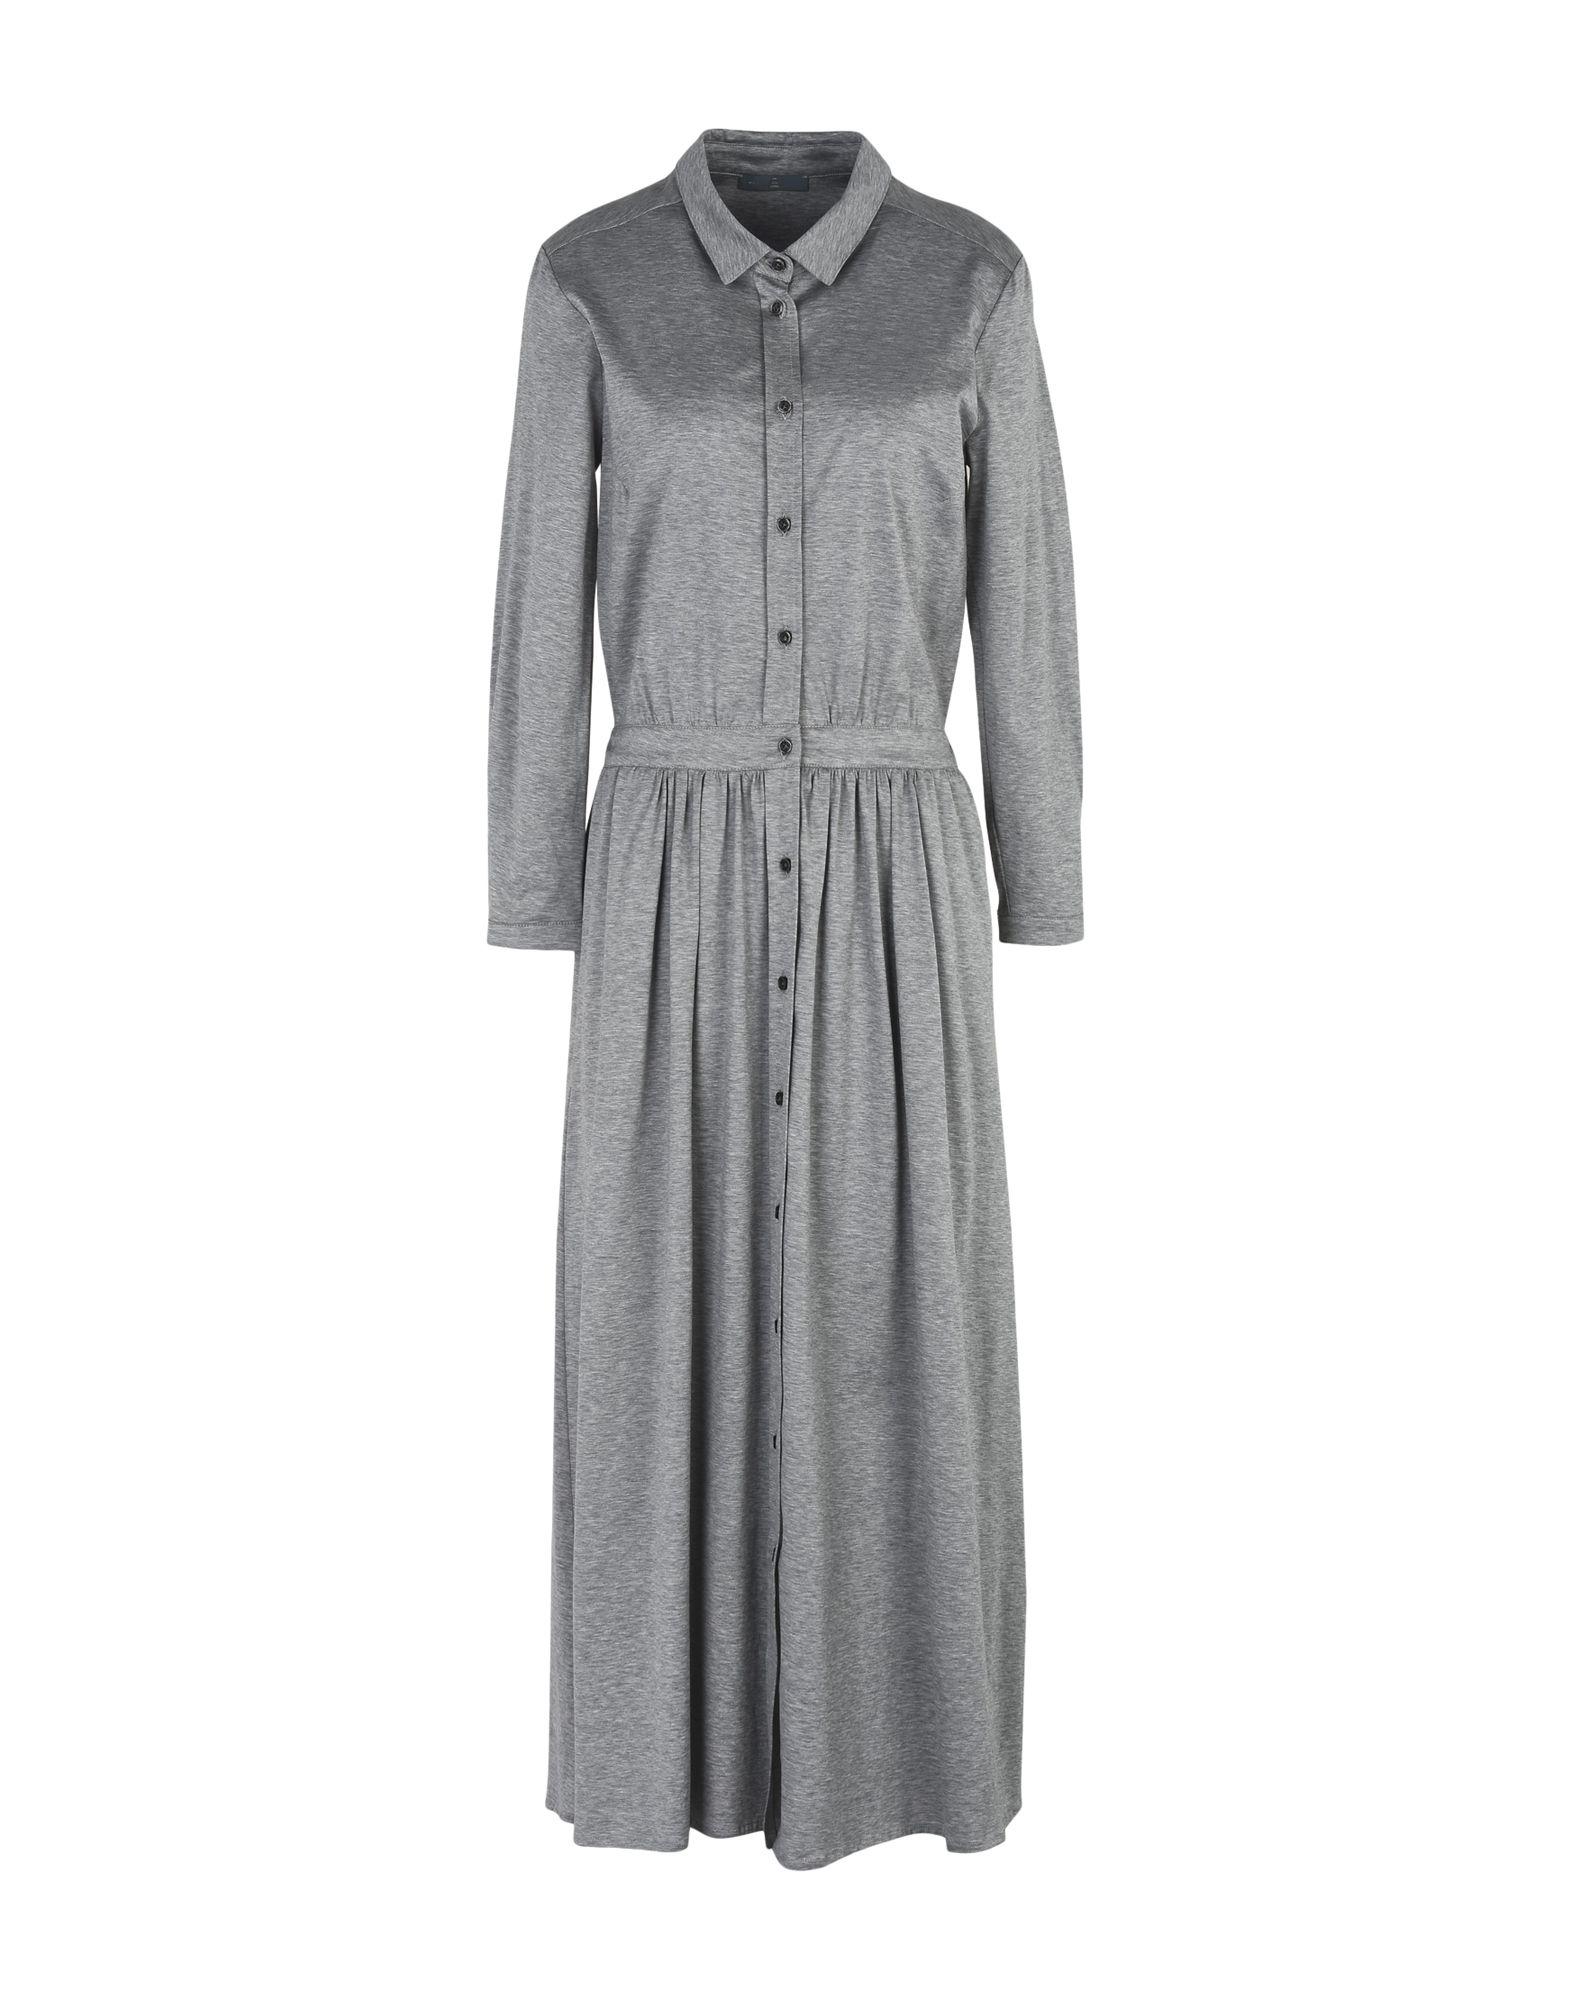 Фото - MU Длинное платье лактационный вкладыш imixlot 12 ca12007 12 mu